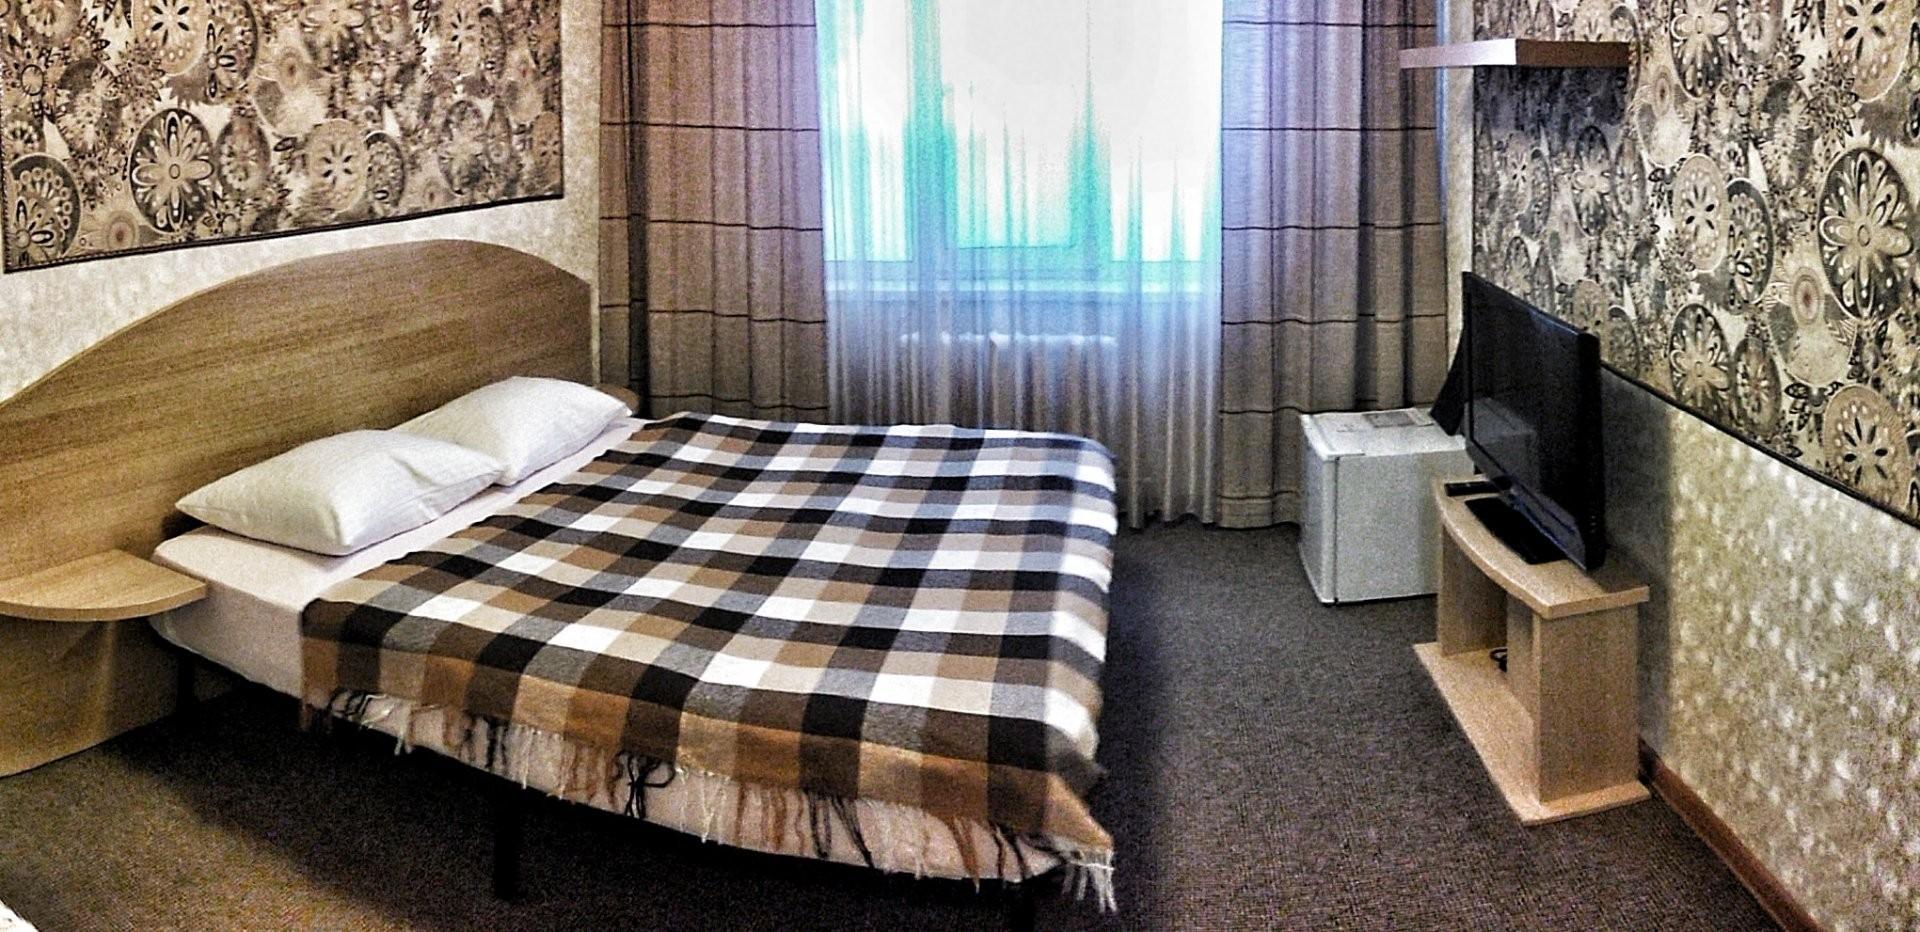 Мальта, гостиничный комплекс - №19